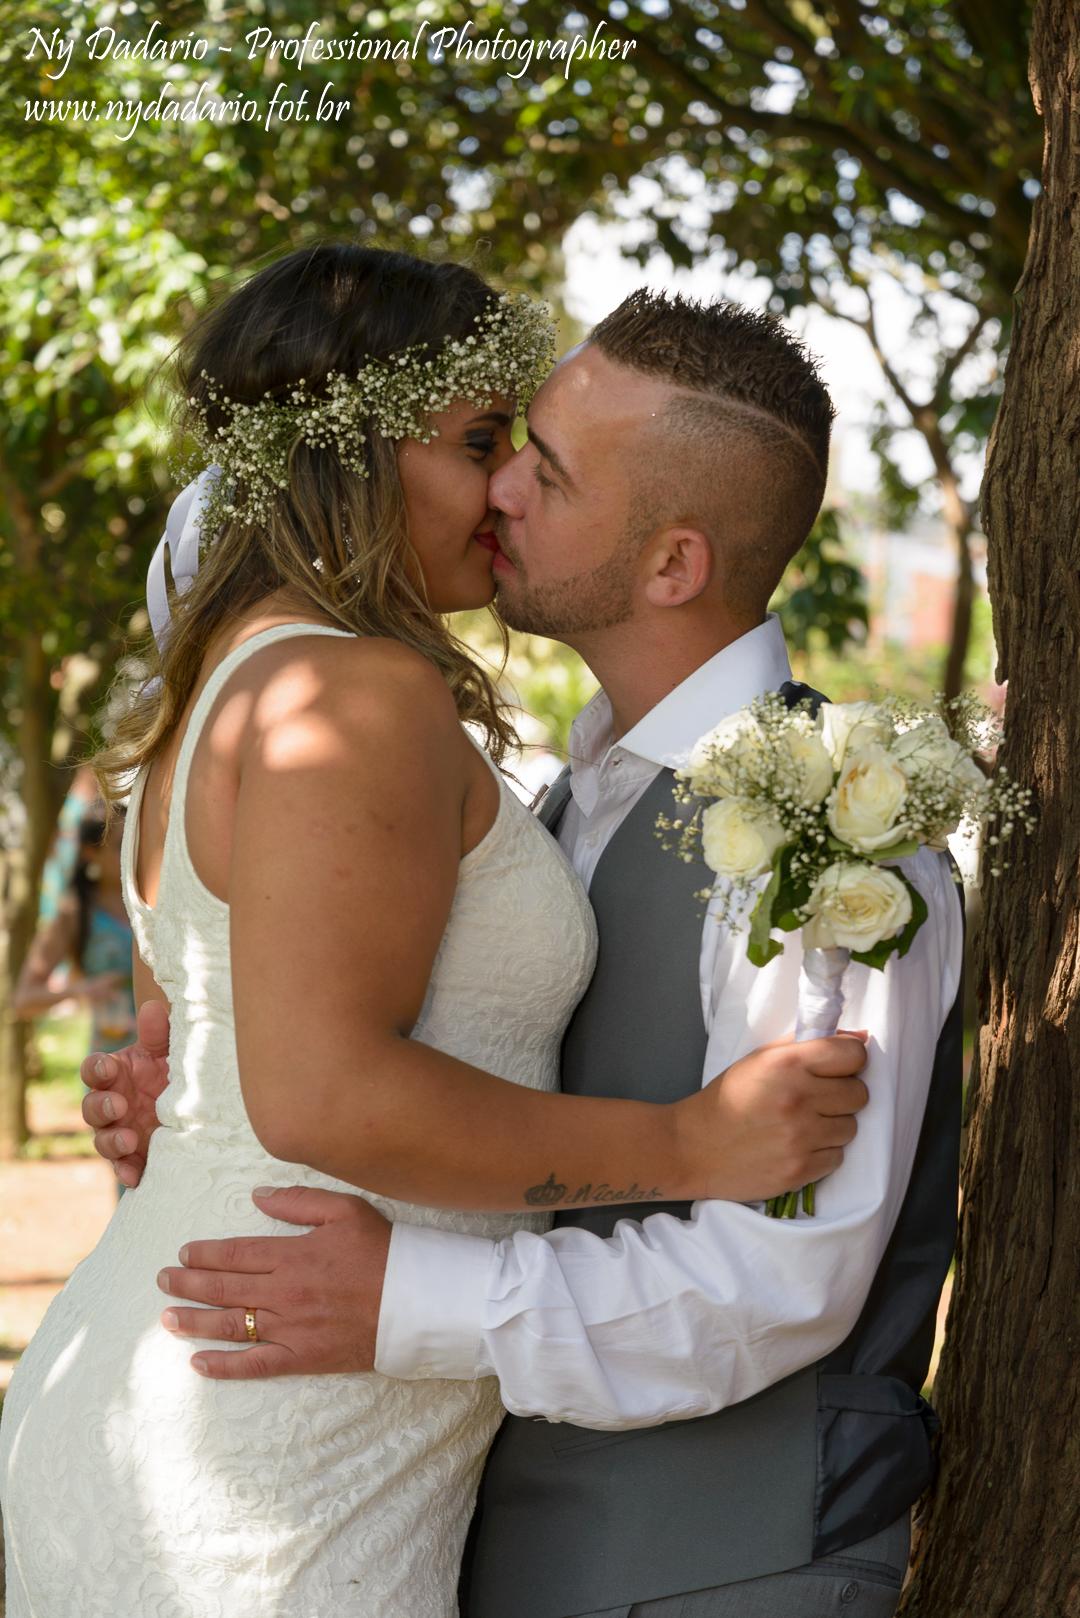 Cobertura Cerimonia Casamento Sitio